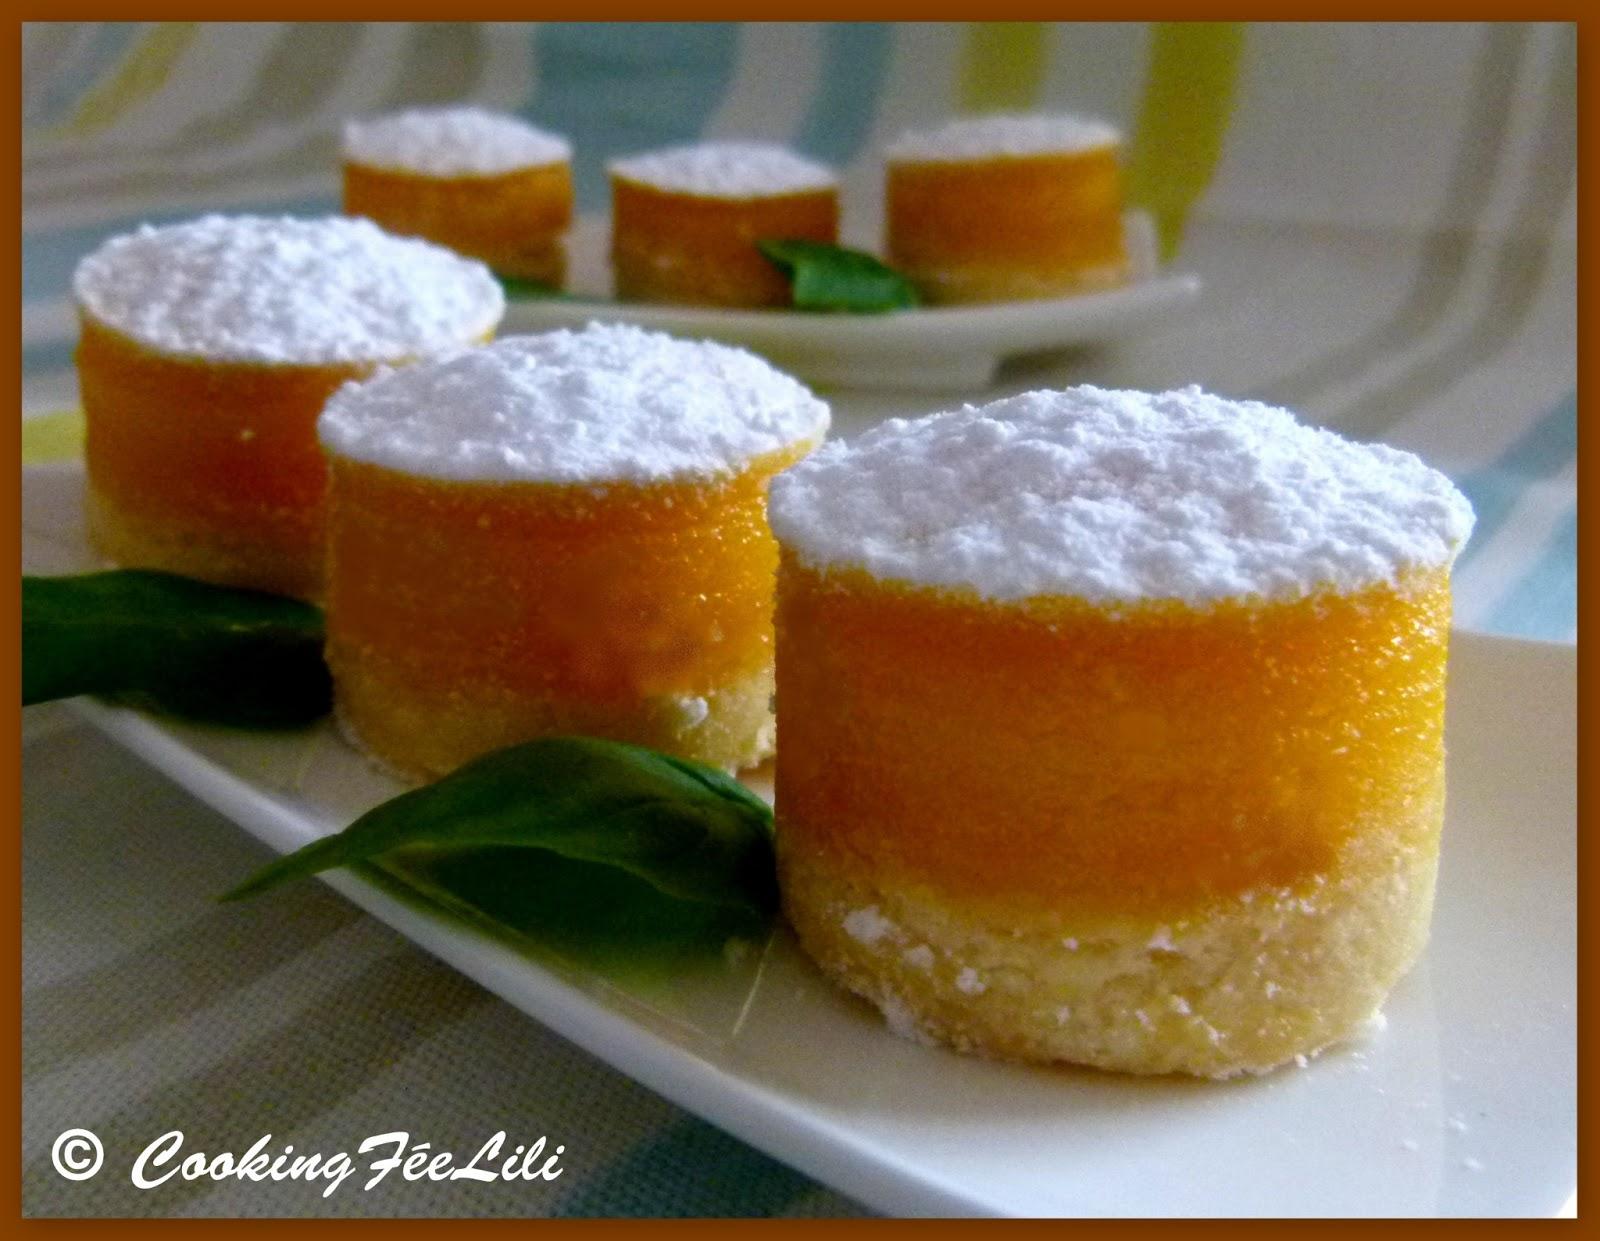 Cooking f e lili petits flans tout jaunes au citron vert - Les saints de glace c est quand ...